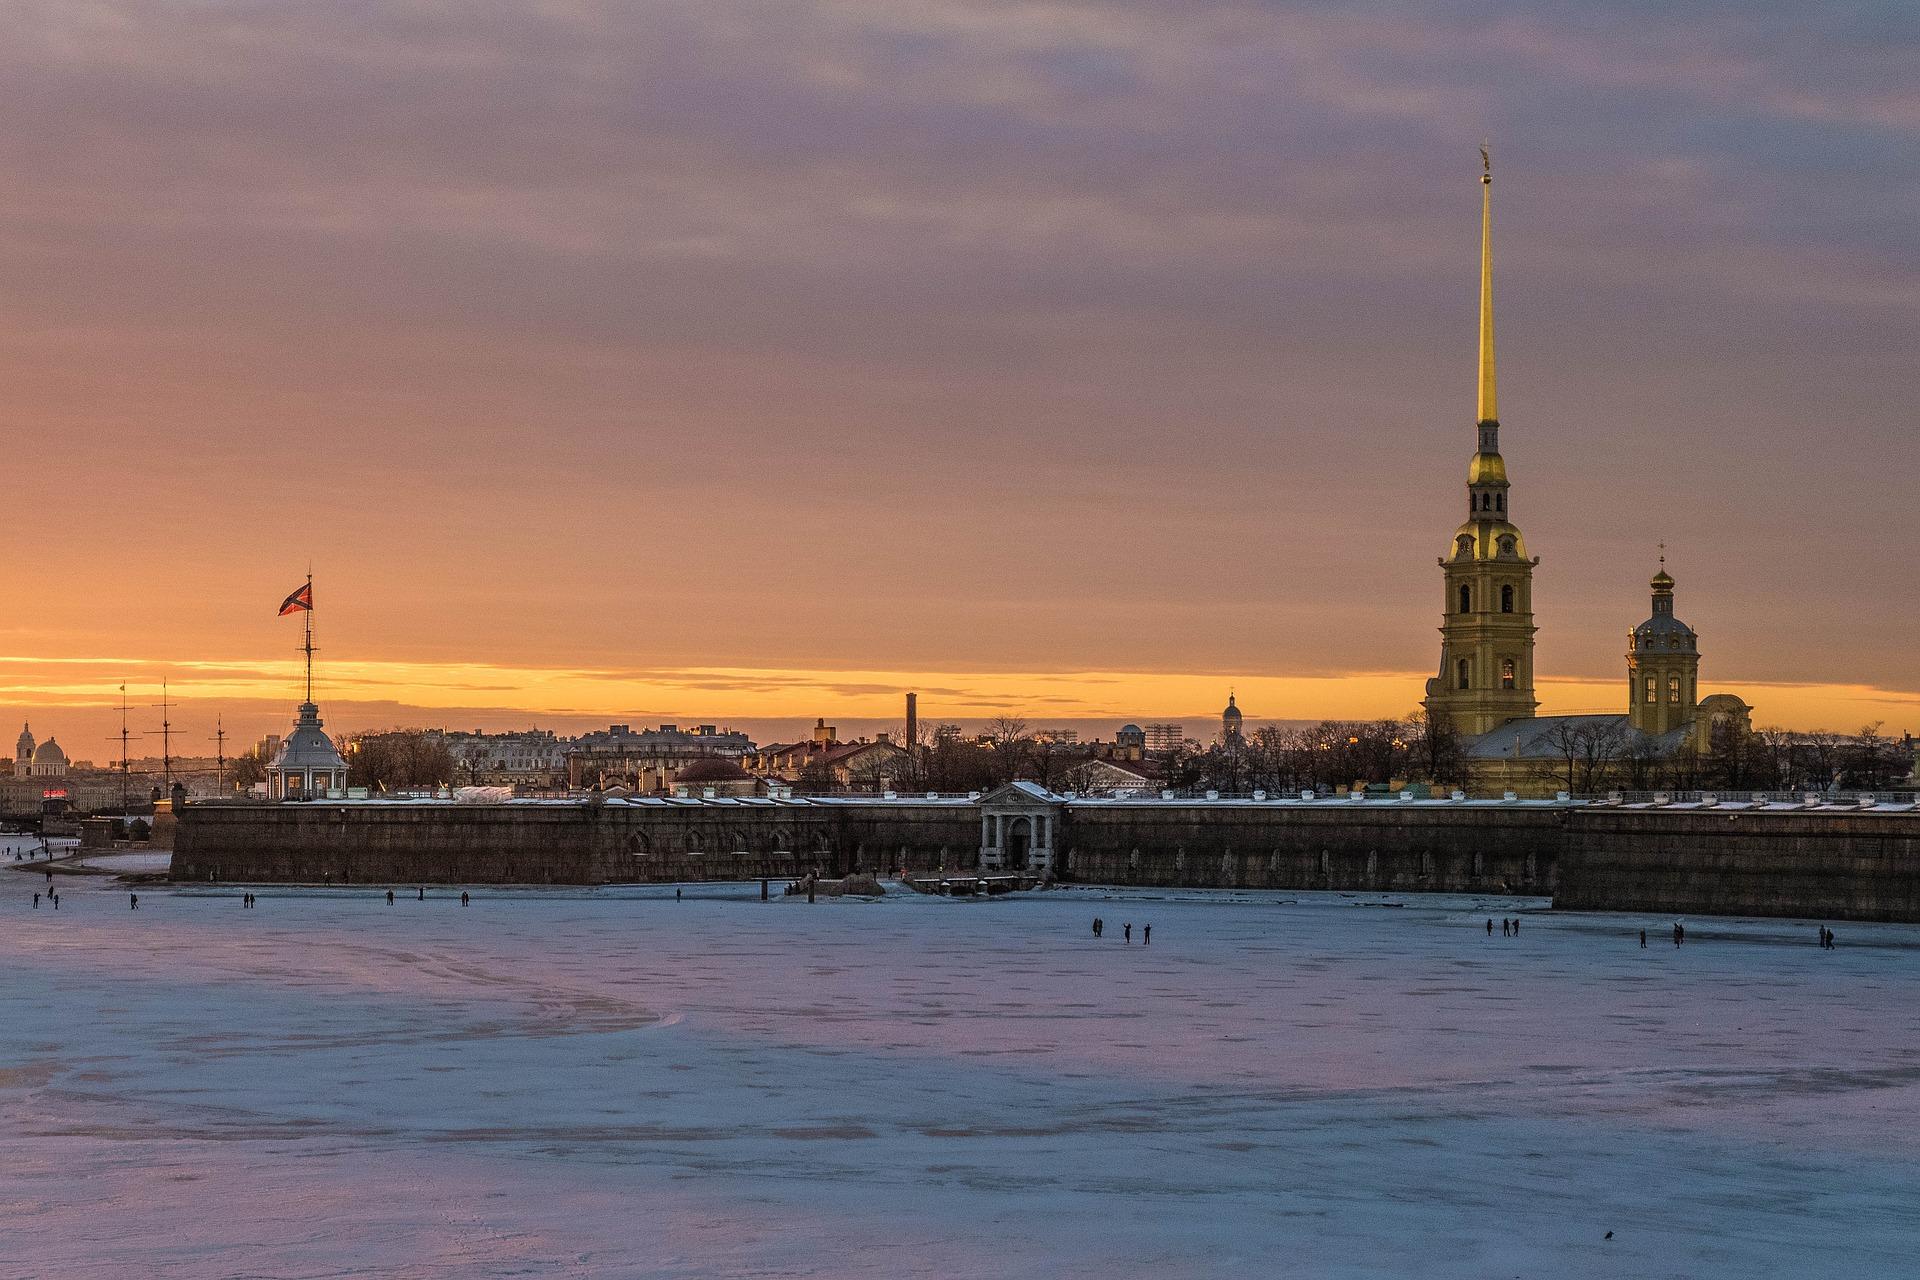 La forteresse Pierre-et-Paul, ensemble fondateur de Saint-Pétersbourg en 1703, par Luidmila Kot